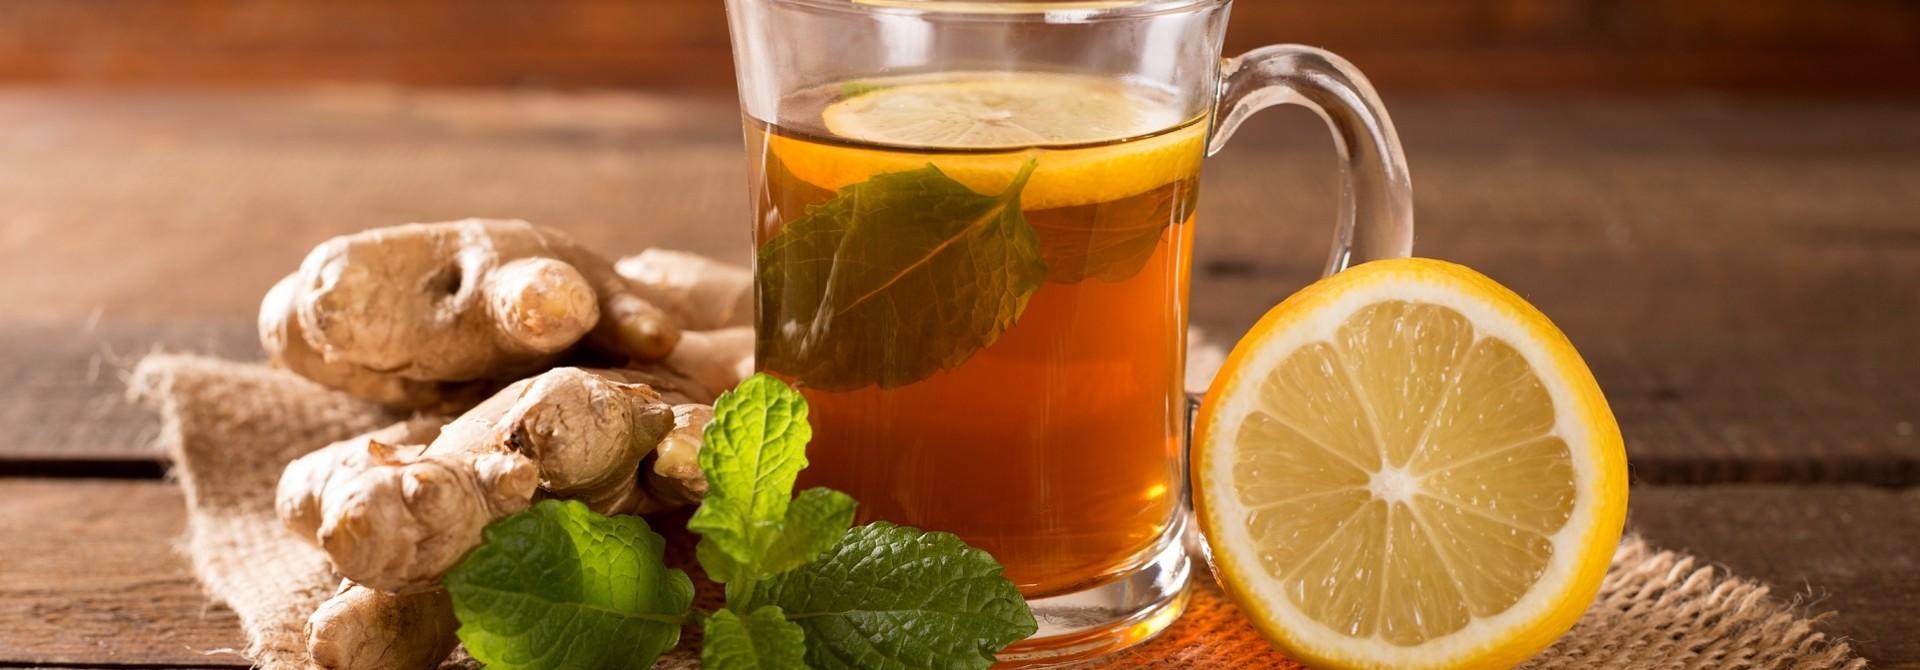 Aromatisierter Tee nach Teesorten ( mit Koffein )